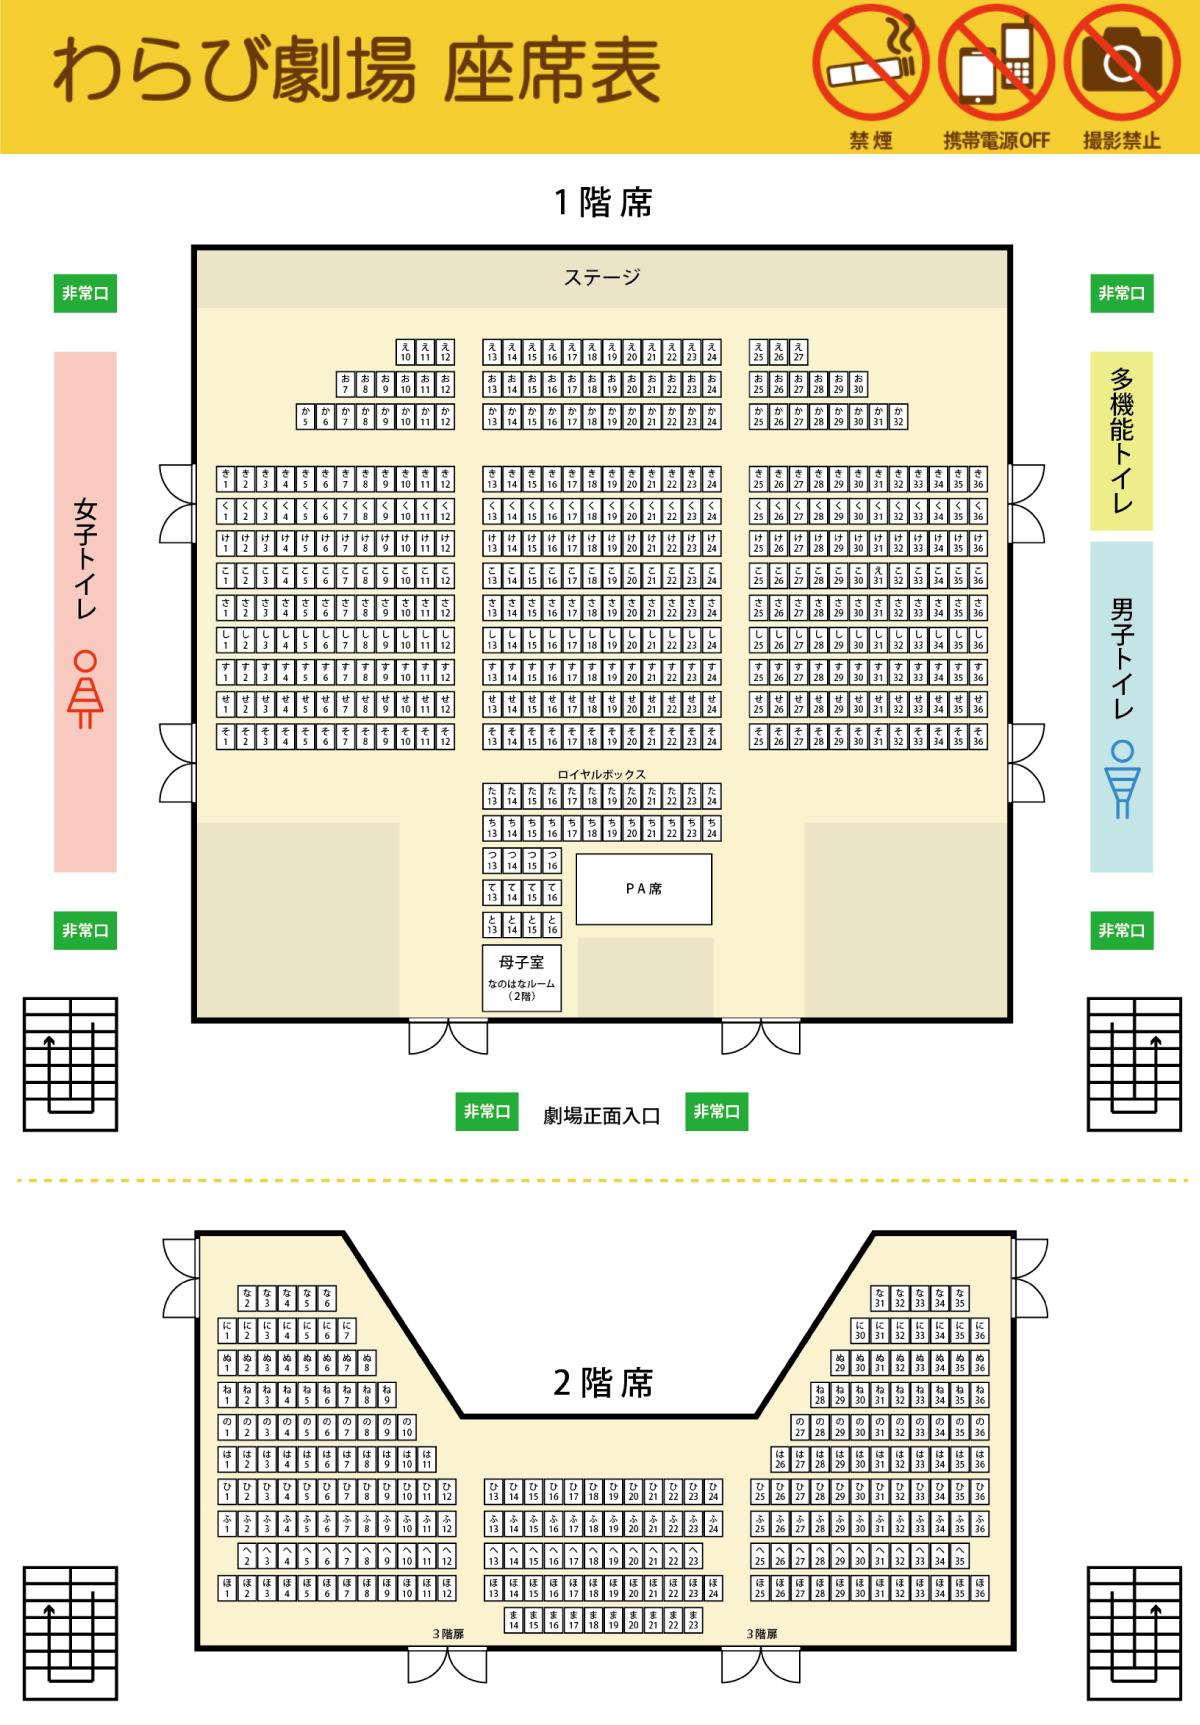 わらび劇場座席表